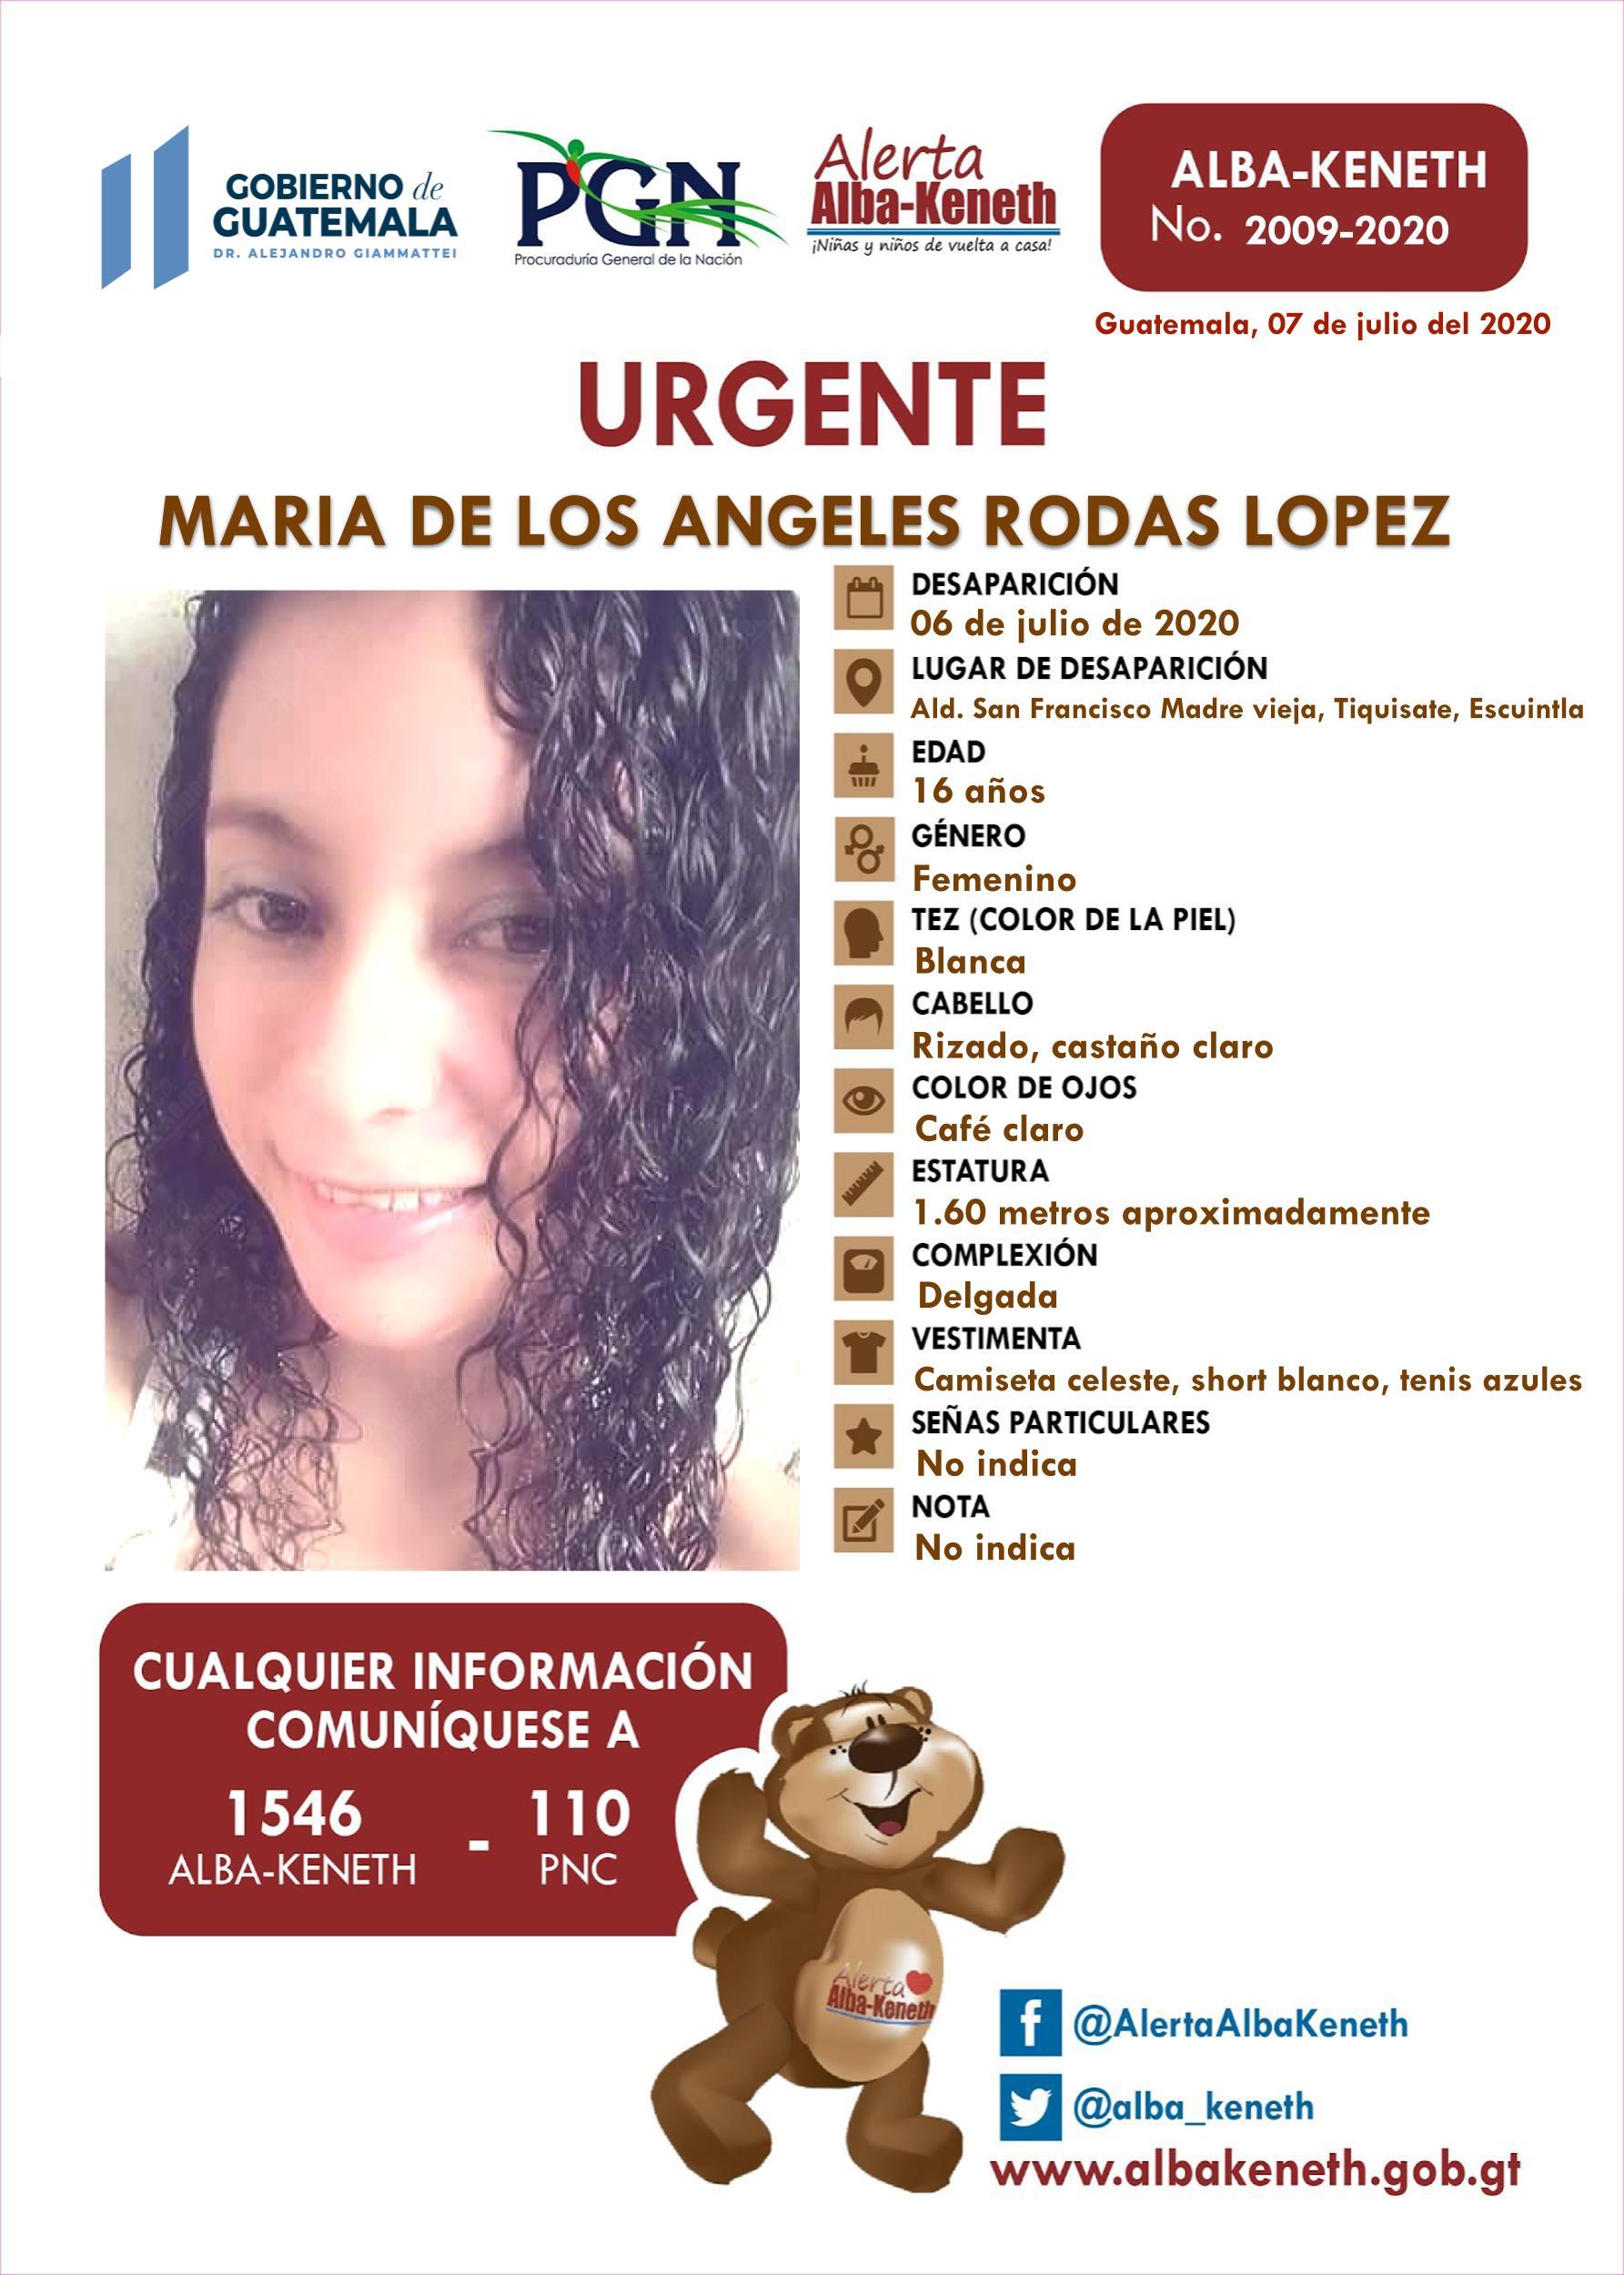 Maria de los Angeles Rodas Lopez